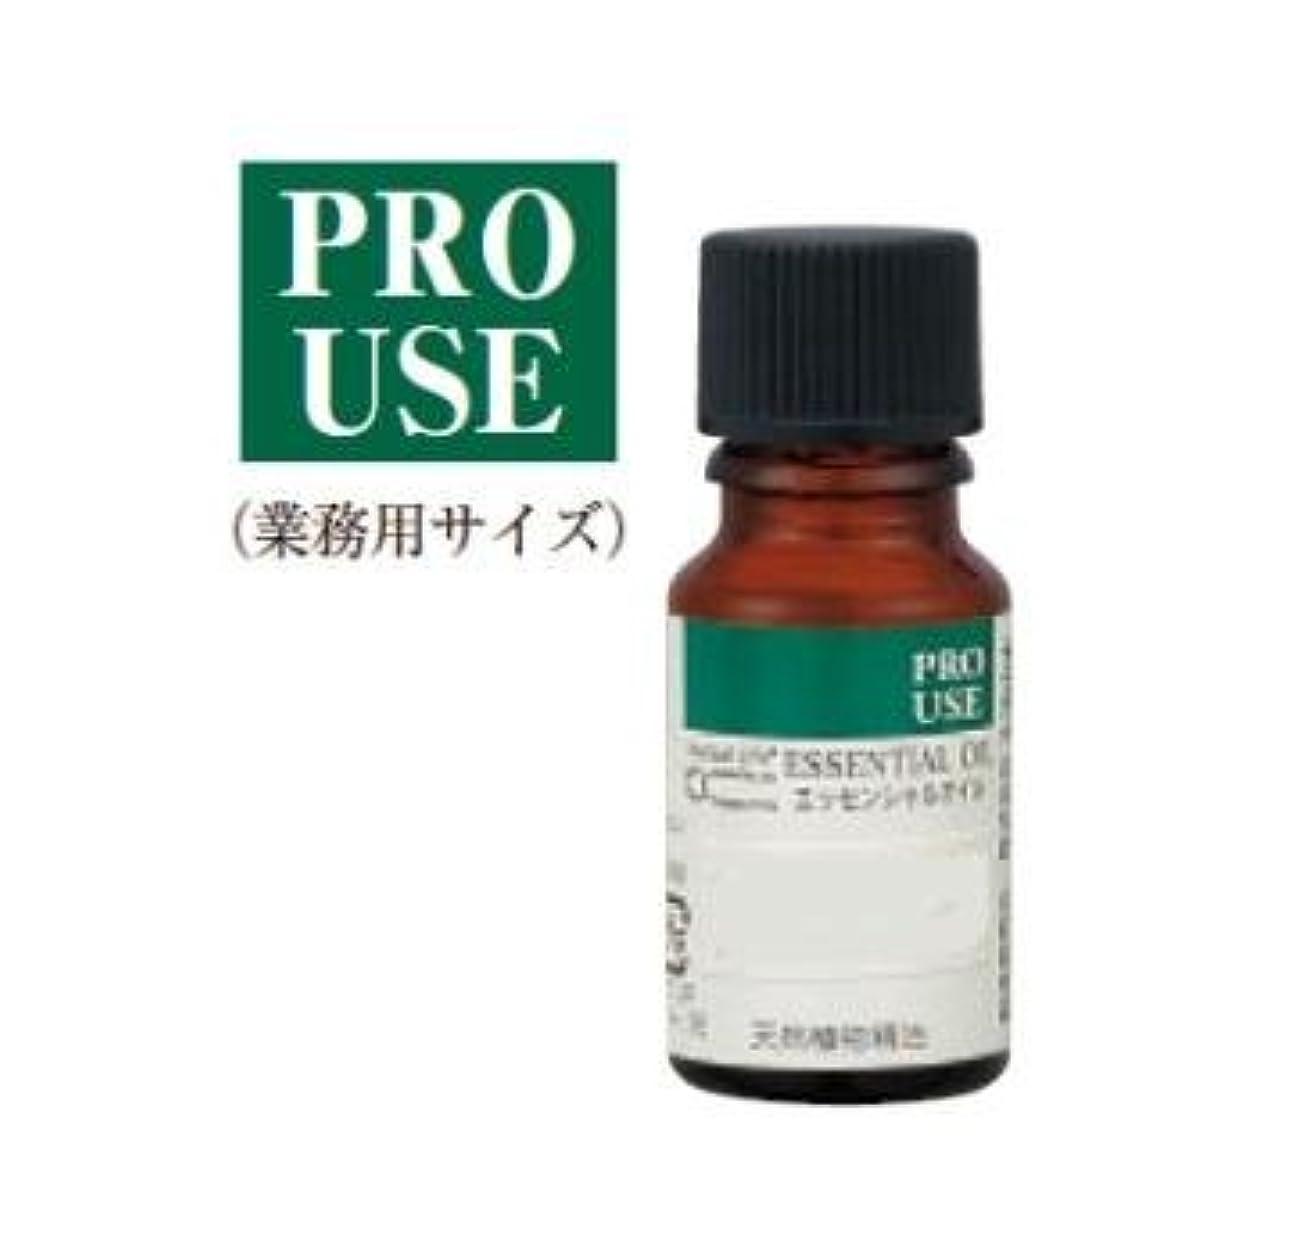 ベッツィトロットウッドクローゼット時々生活の木 ジャスミンAbs.10ml エッセンシャルオイル/精油